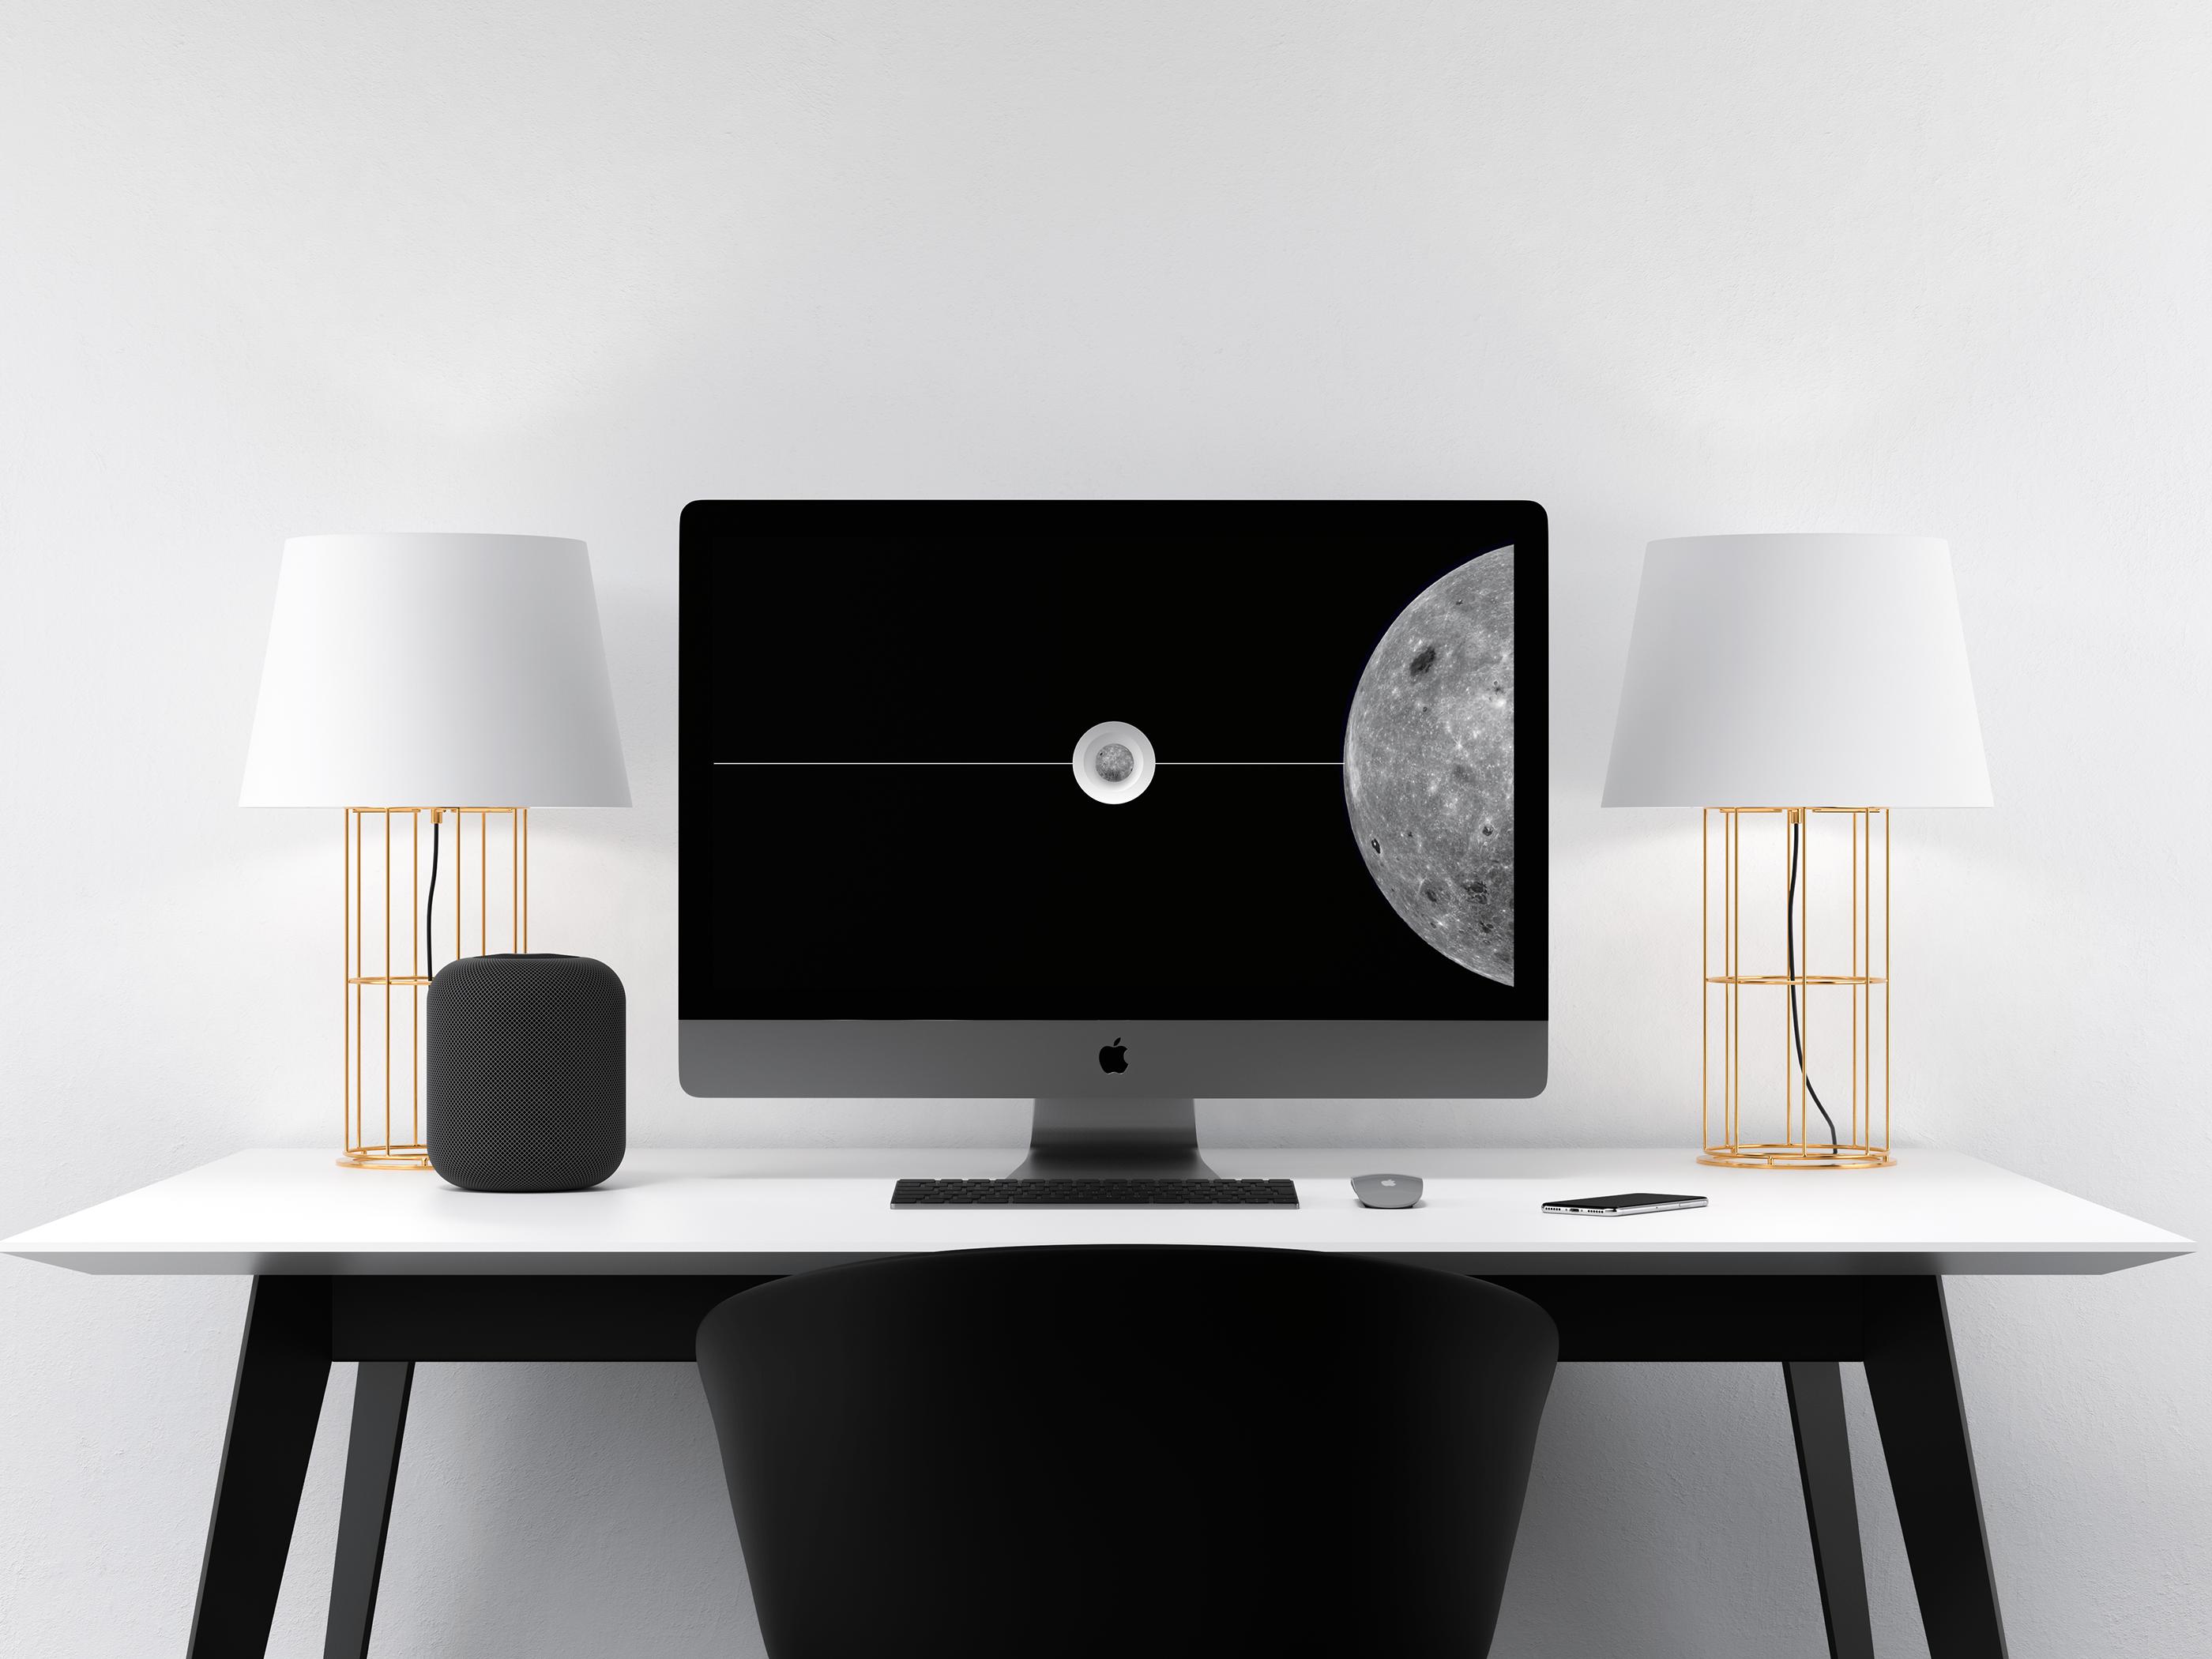 Spaced - Sito web brandizzato